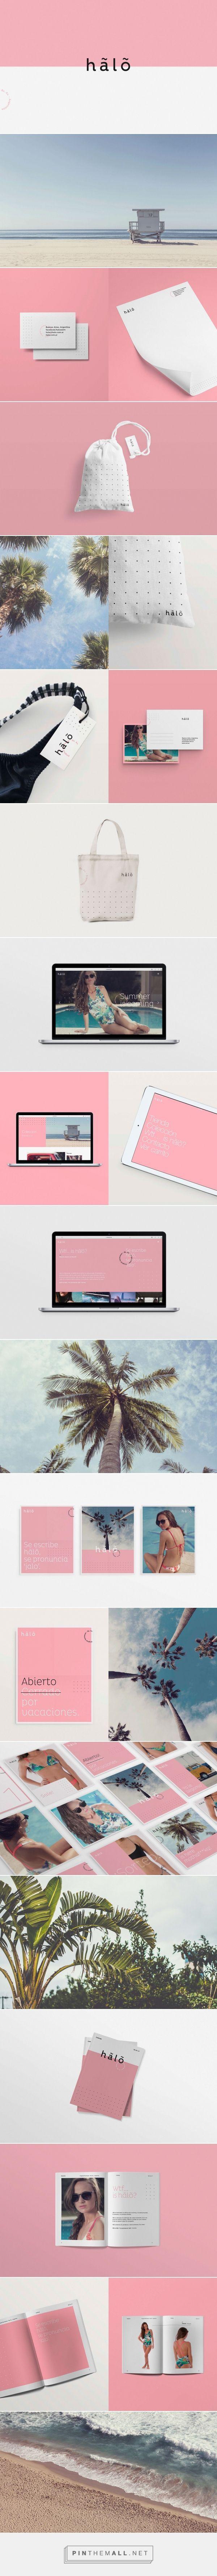 NL Mezcla de colores pastel y fotografías de mar.